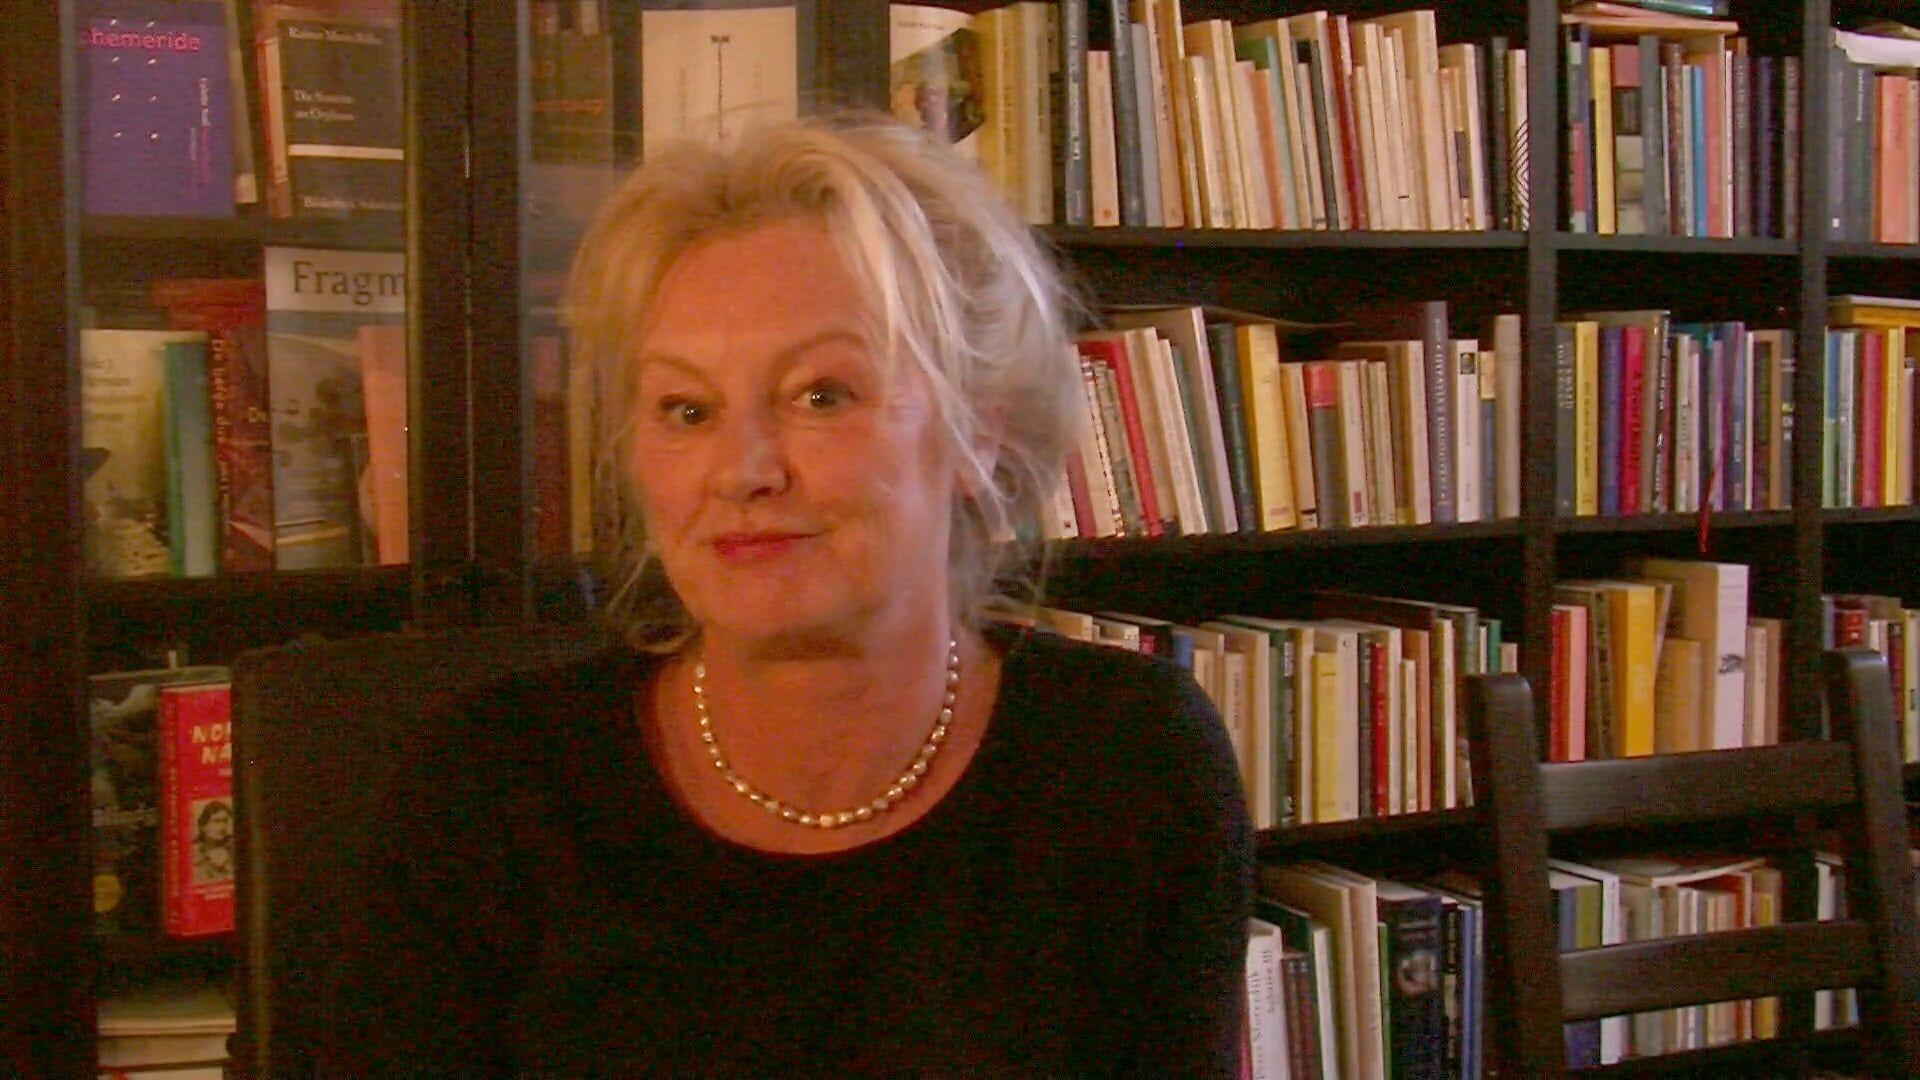 Joke Hermsen pitcht haar boek Melancholie van de onrust